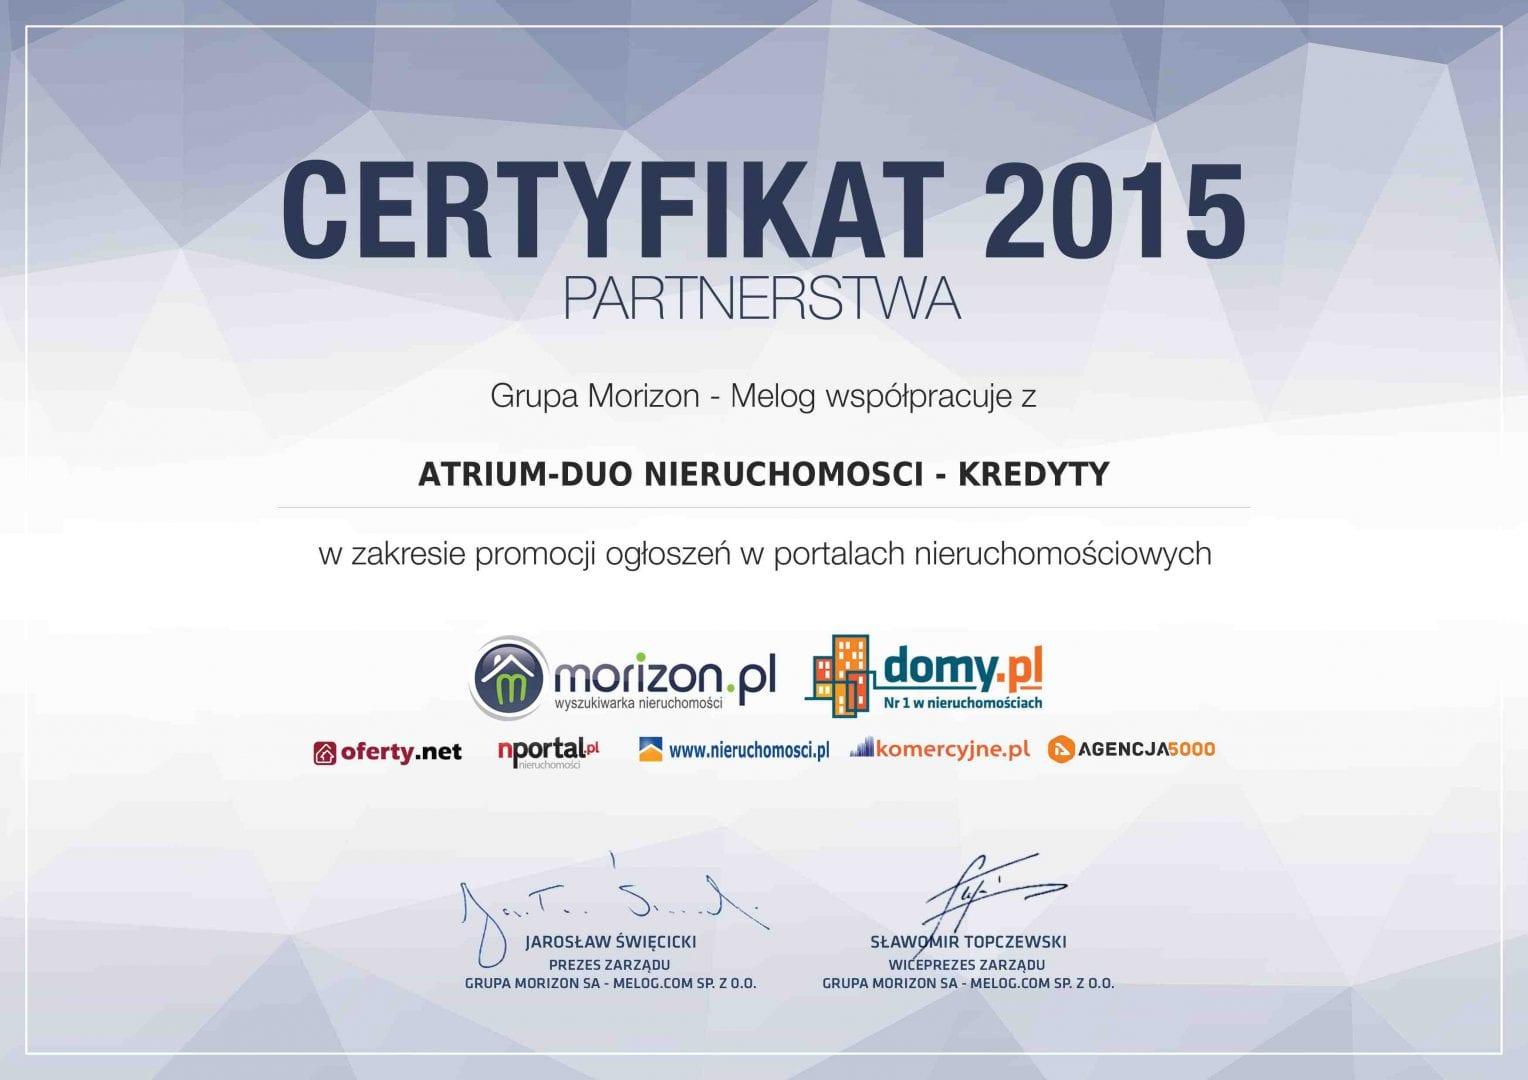 certyfikat-partnerstwa